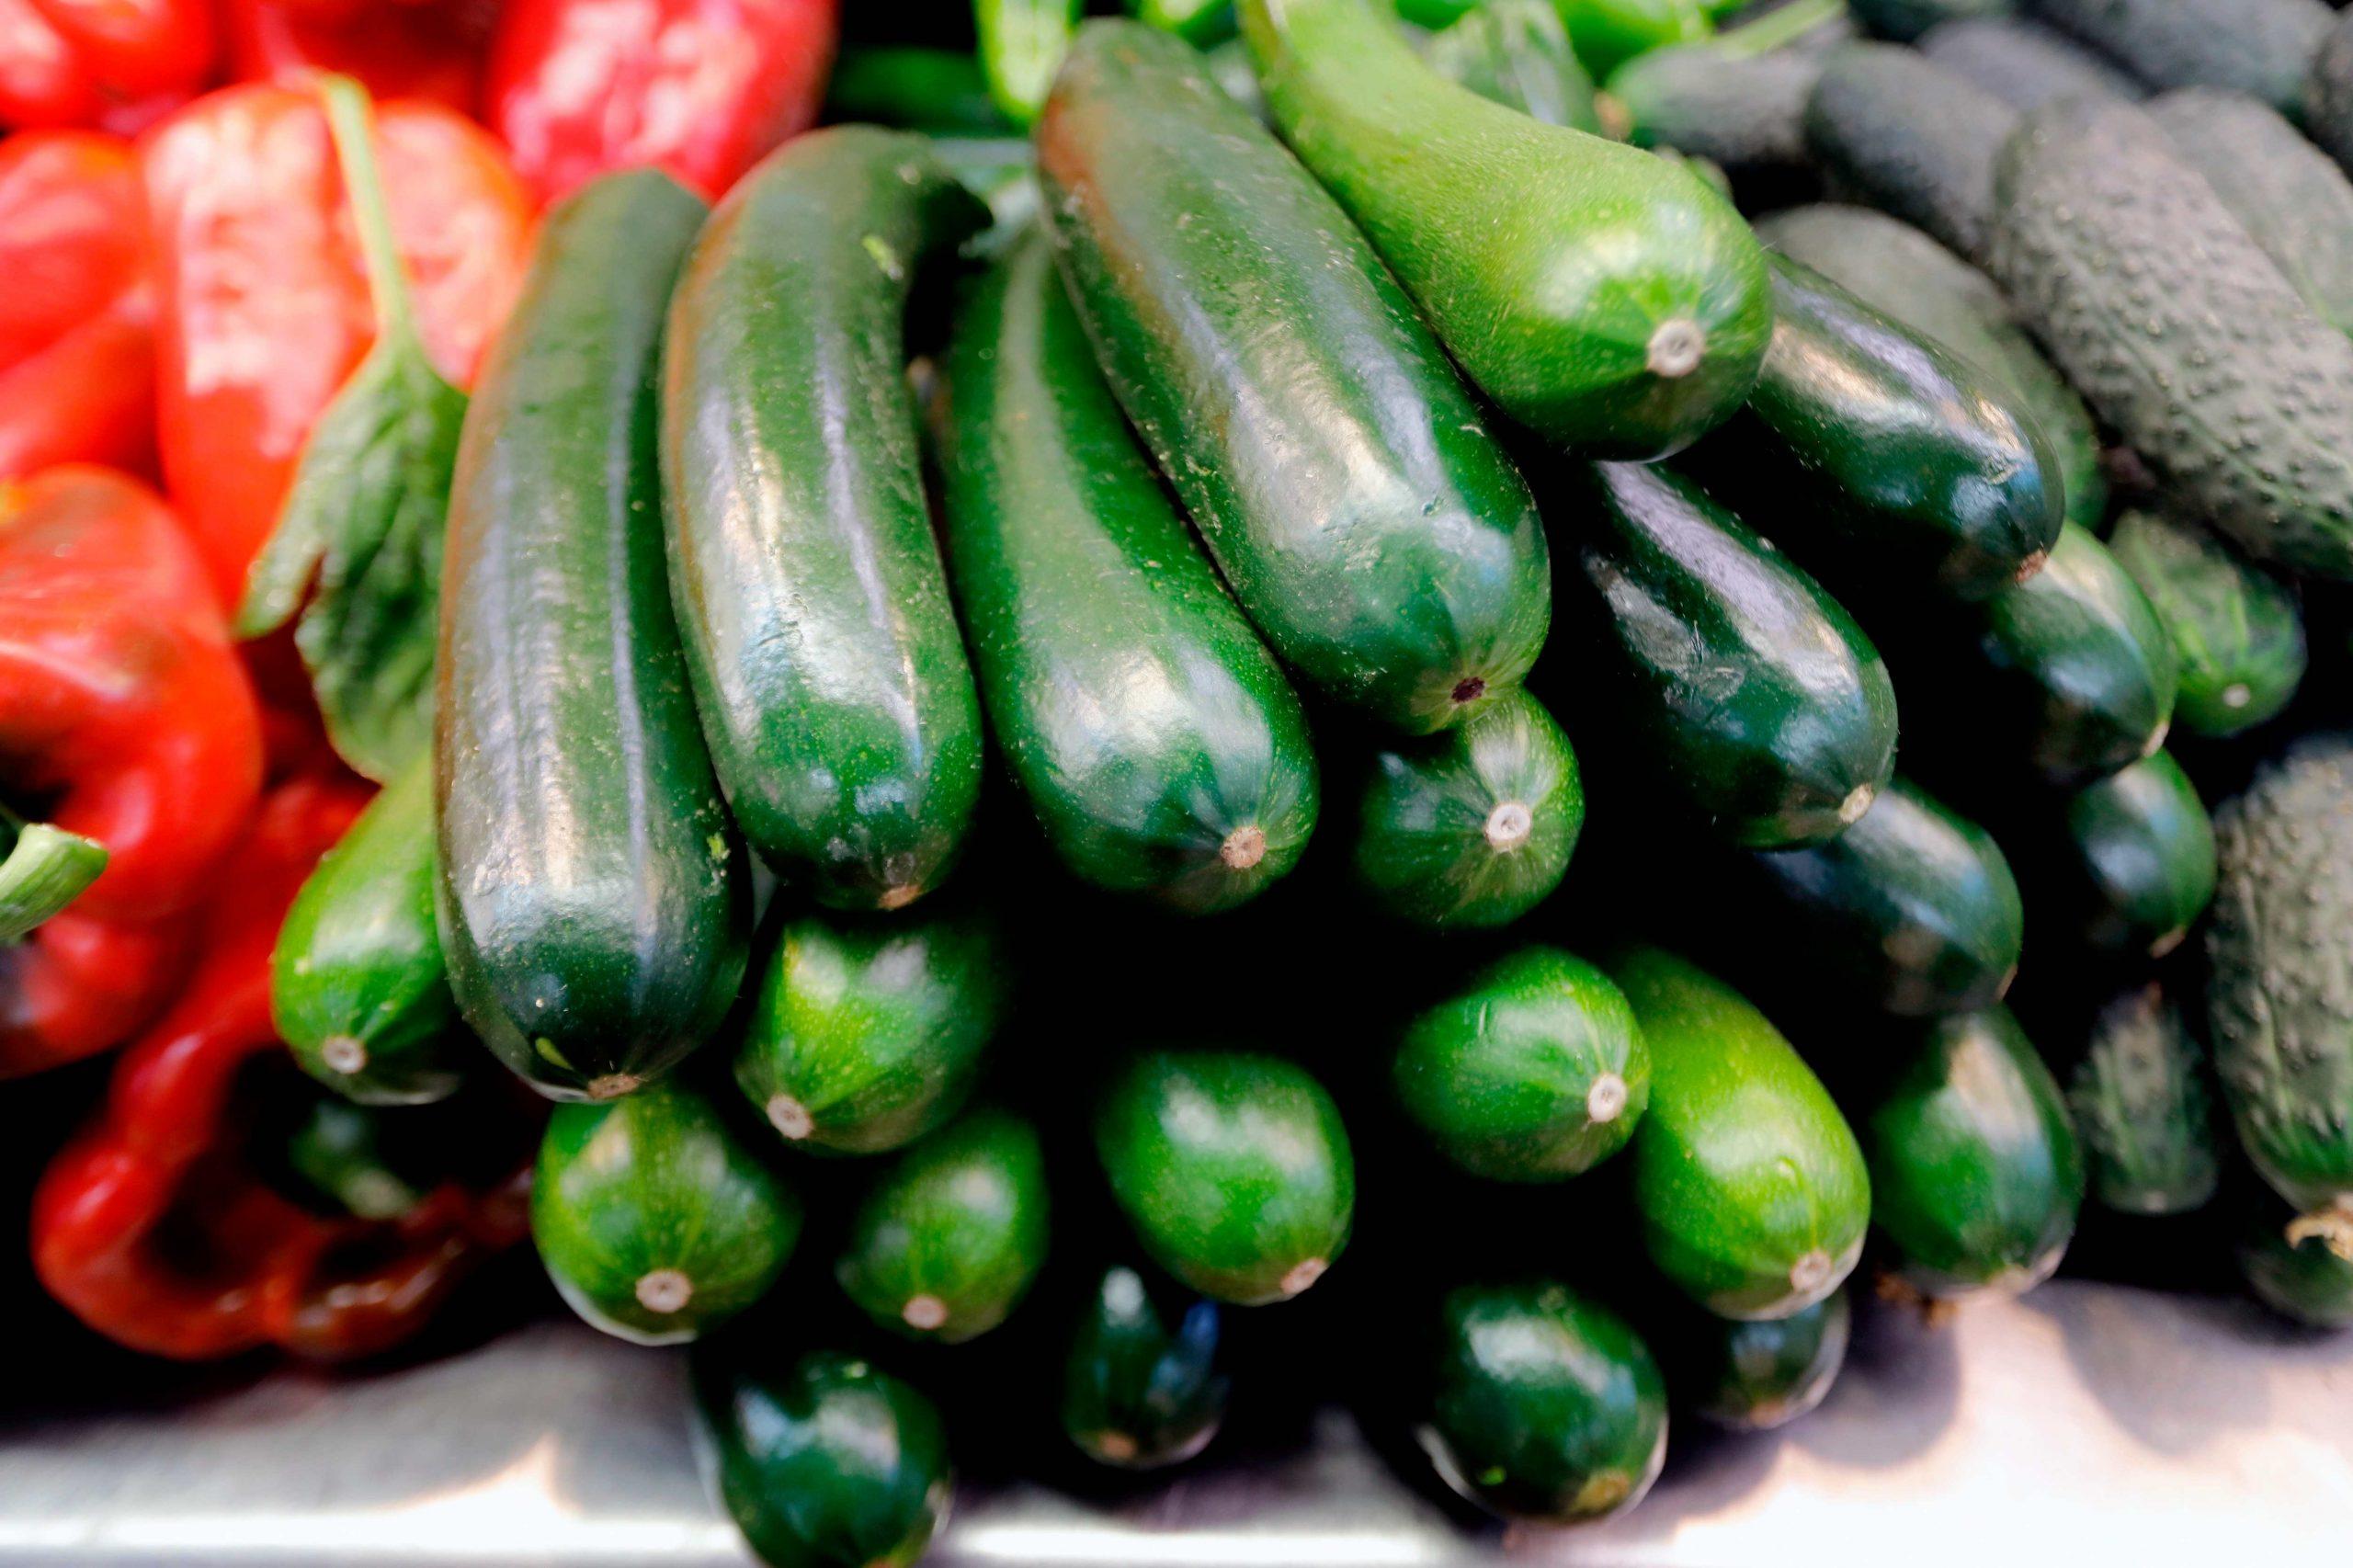 El calabacín o calabacín es una excelente fuente de vitaminas - Prensa Libre